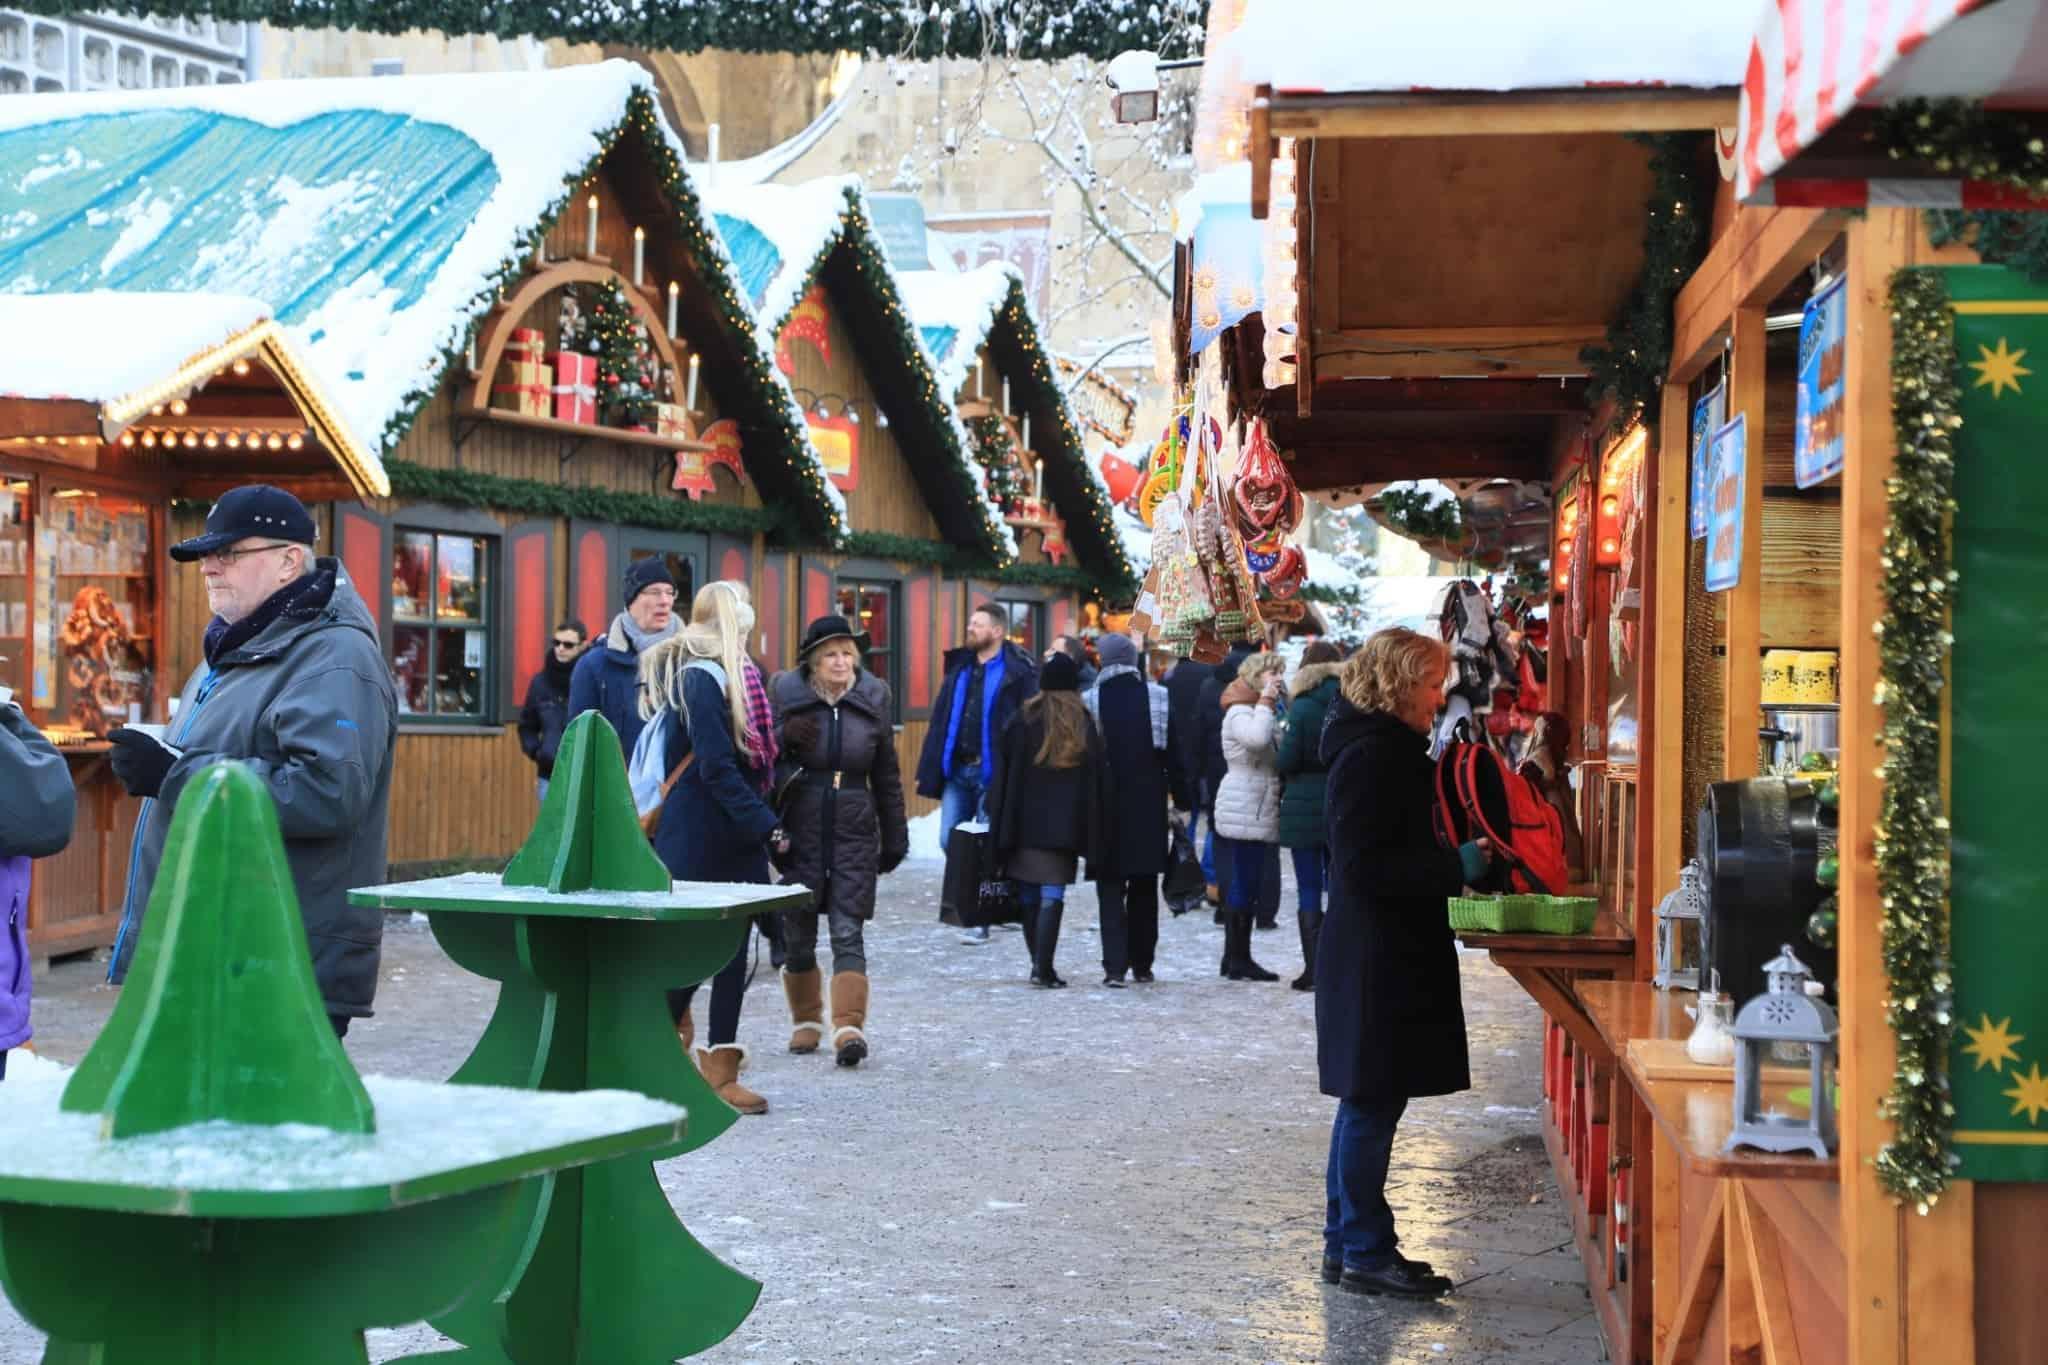 mercado de inverno com casinhas de madeira